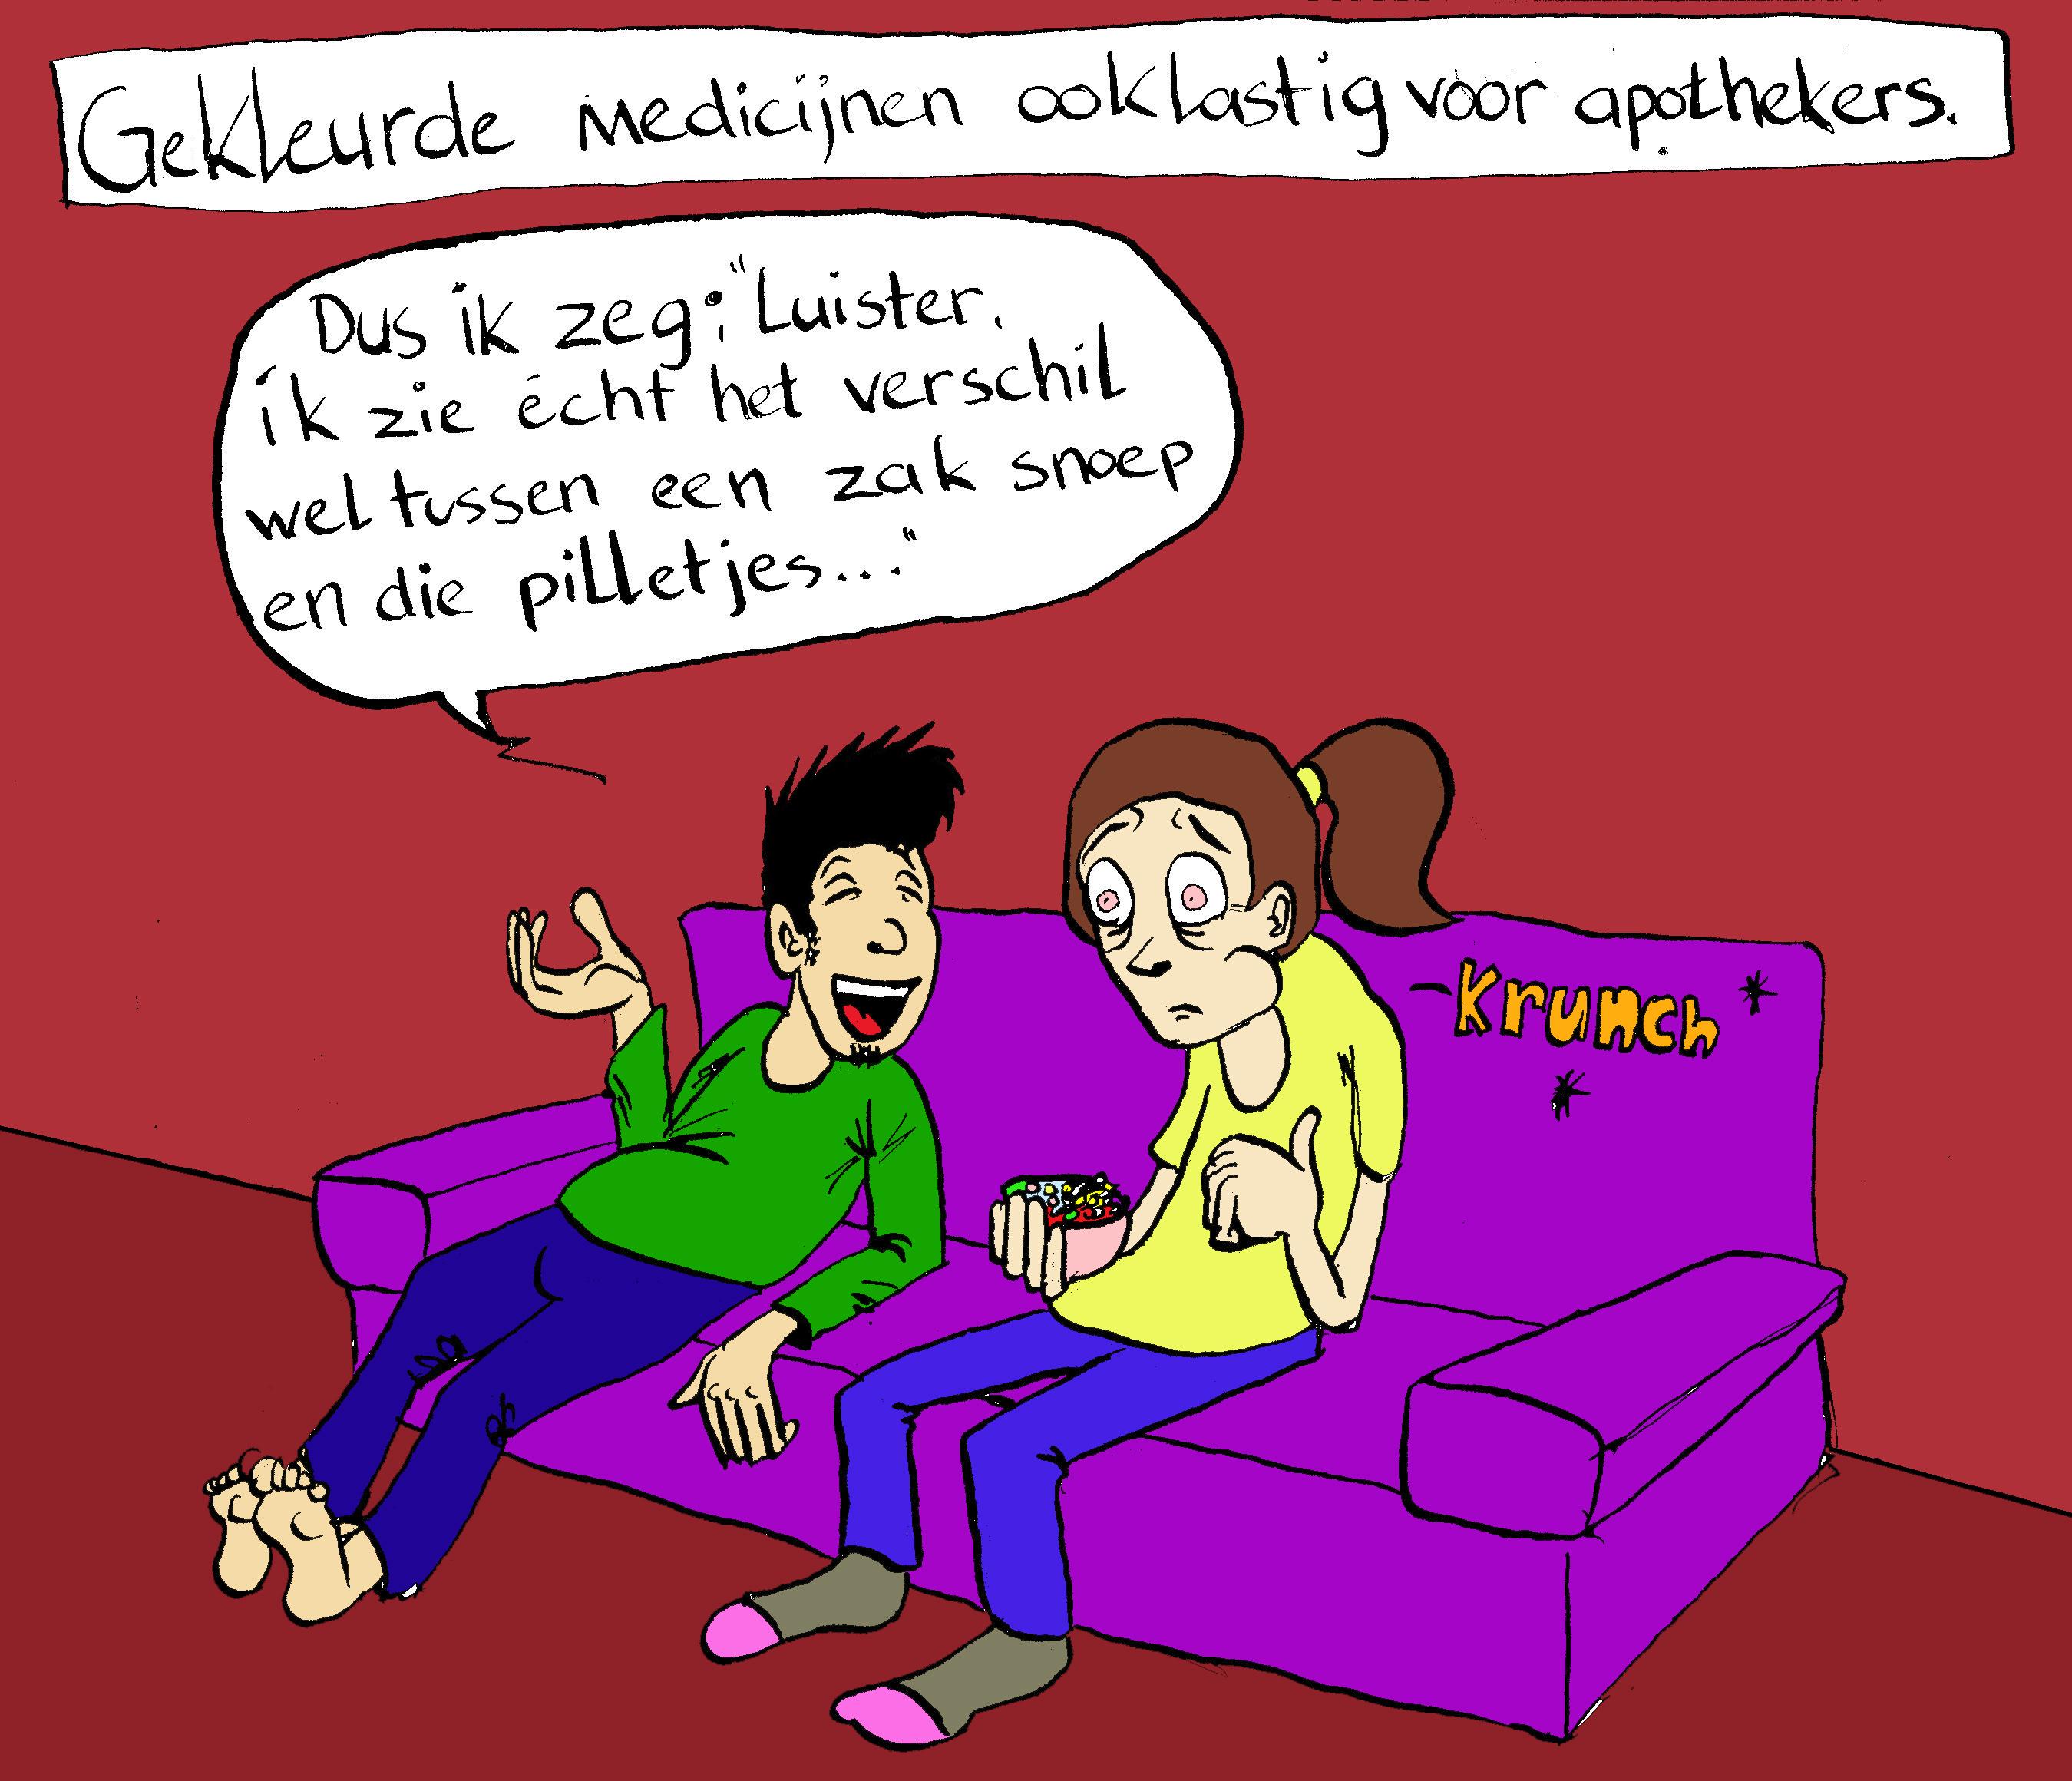 bedrijf friesland geneesmiddelen